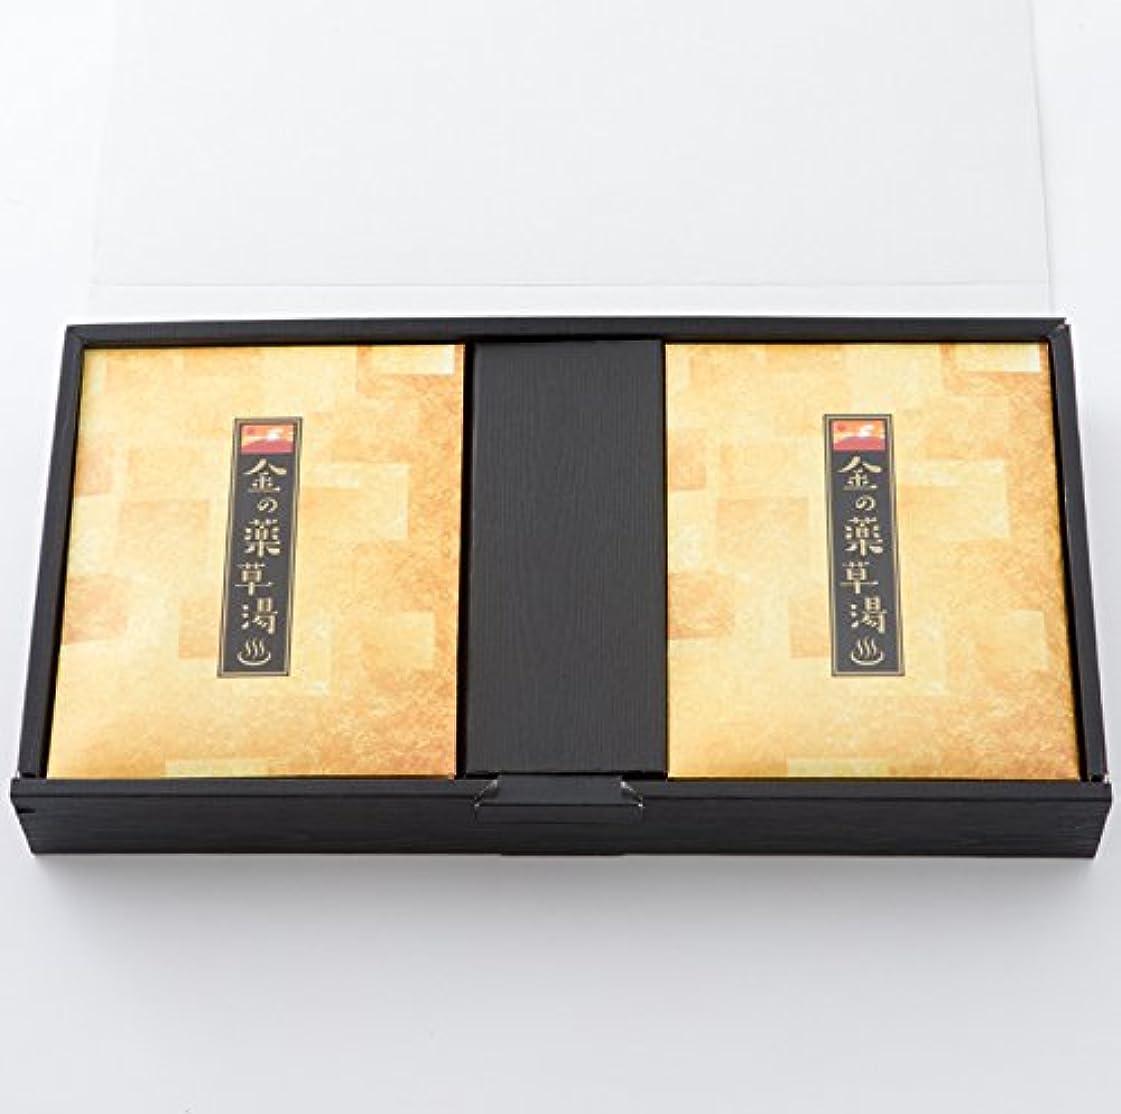 明日仕方野な金の薬草湯ギフト (8包入り)